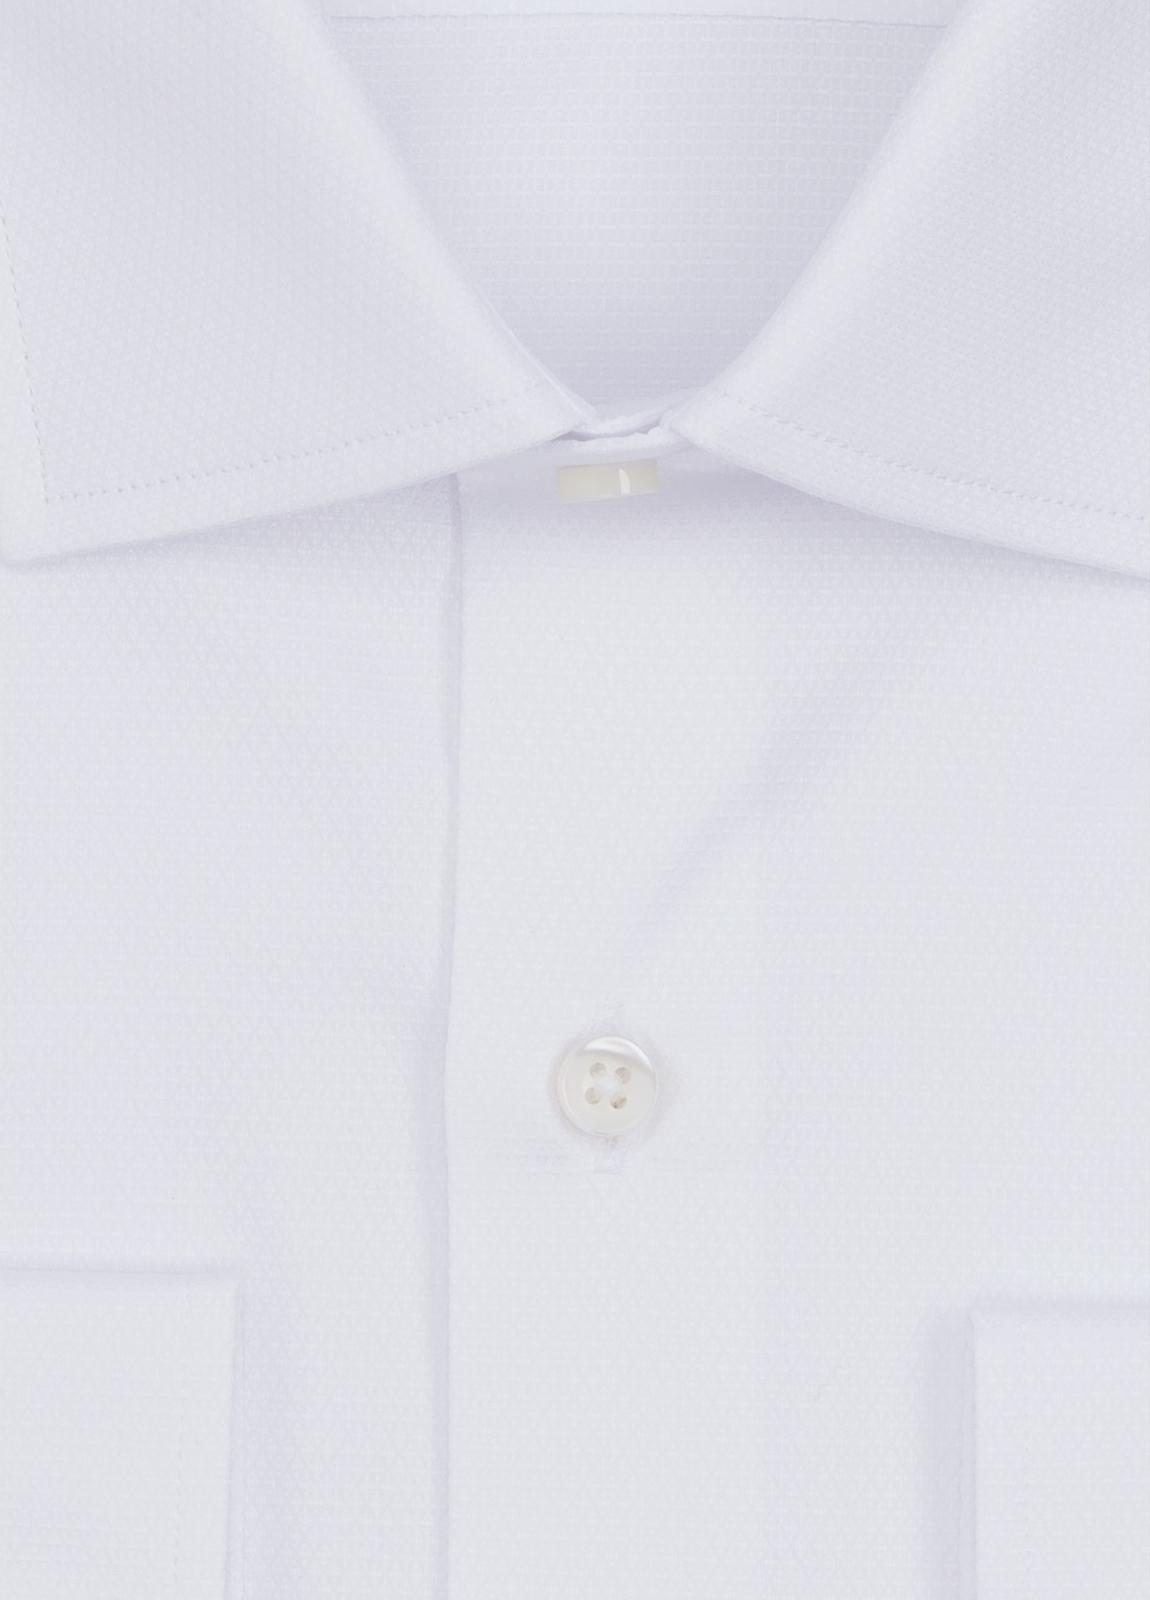 Camisa Formal Wear SLIM FIT cuello italiano modelo ROMA micrograbado color blanco. 100% Algodón. - Ítem1